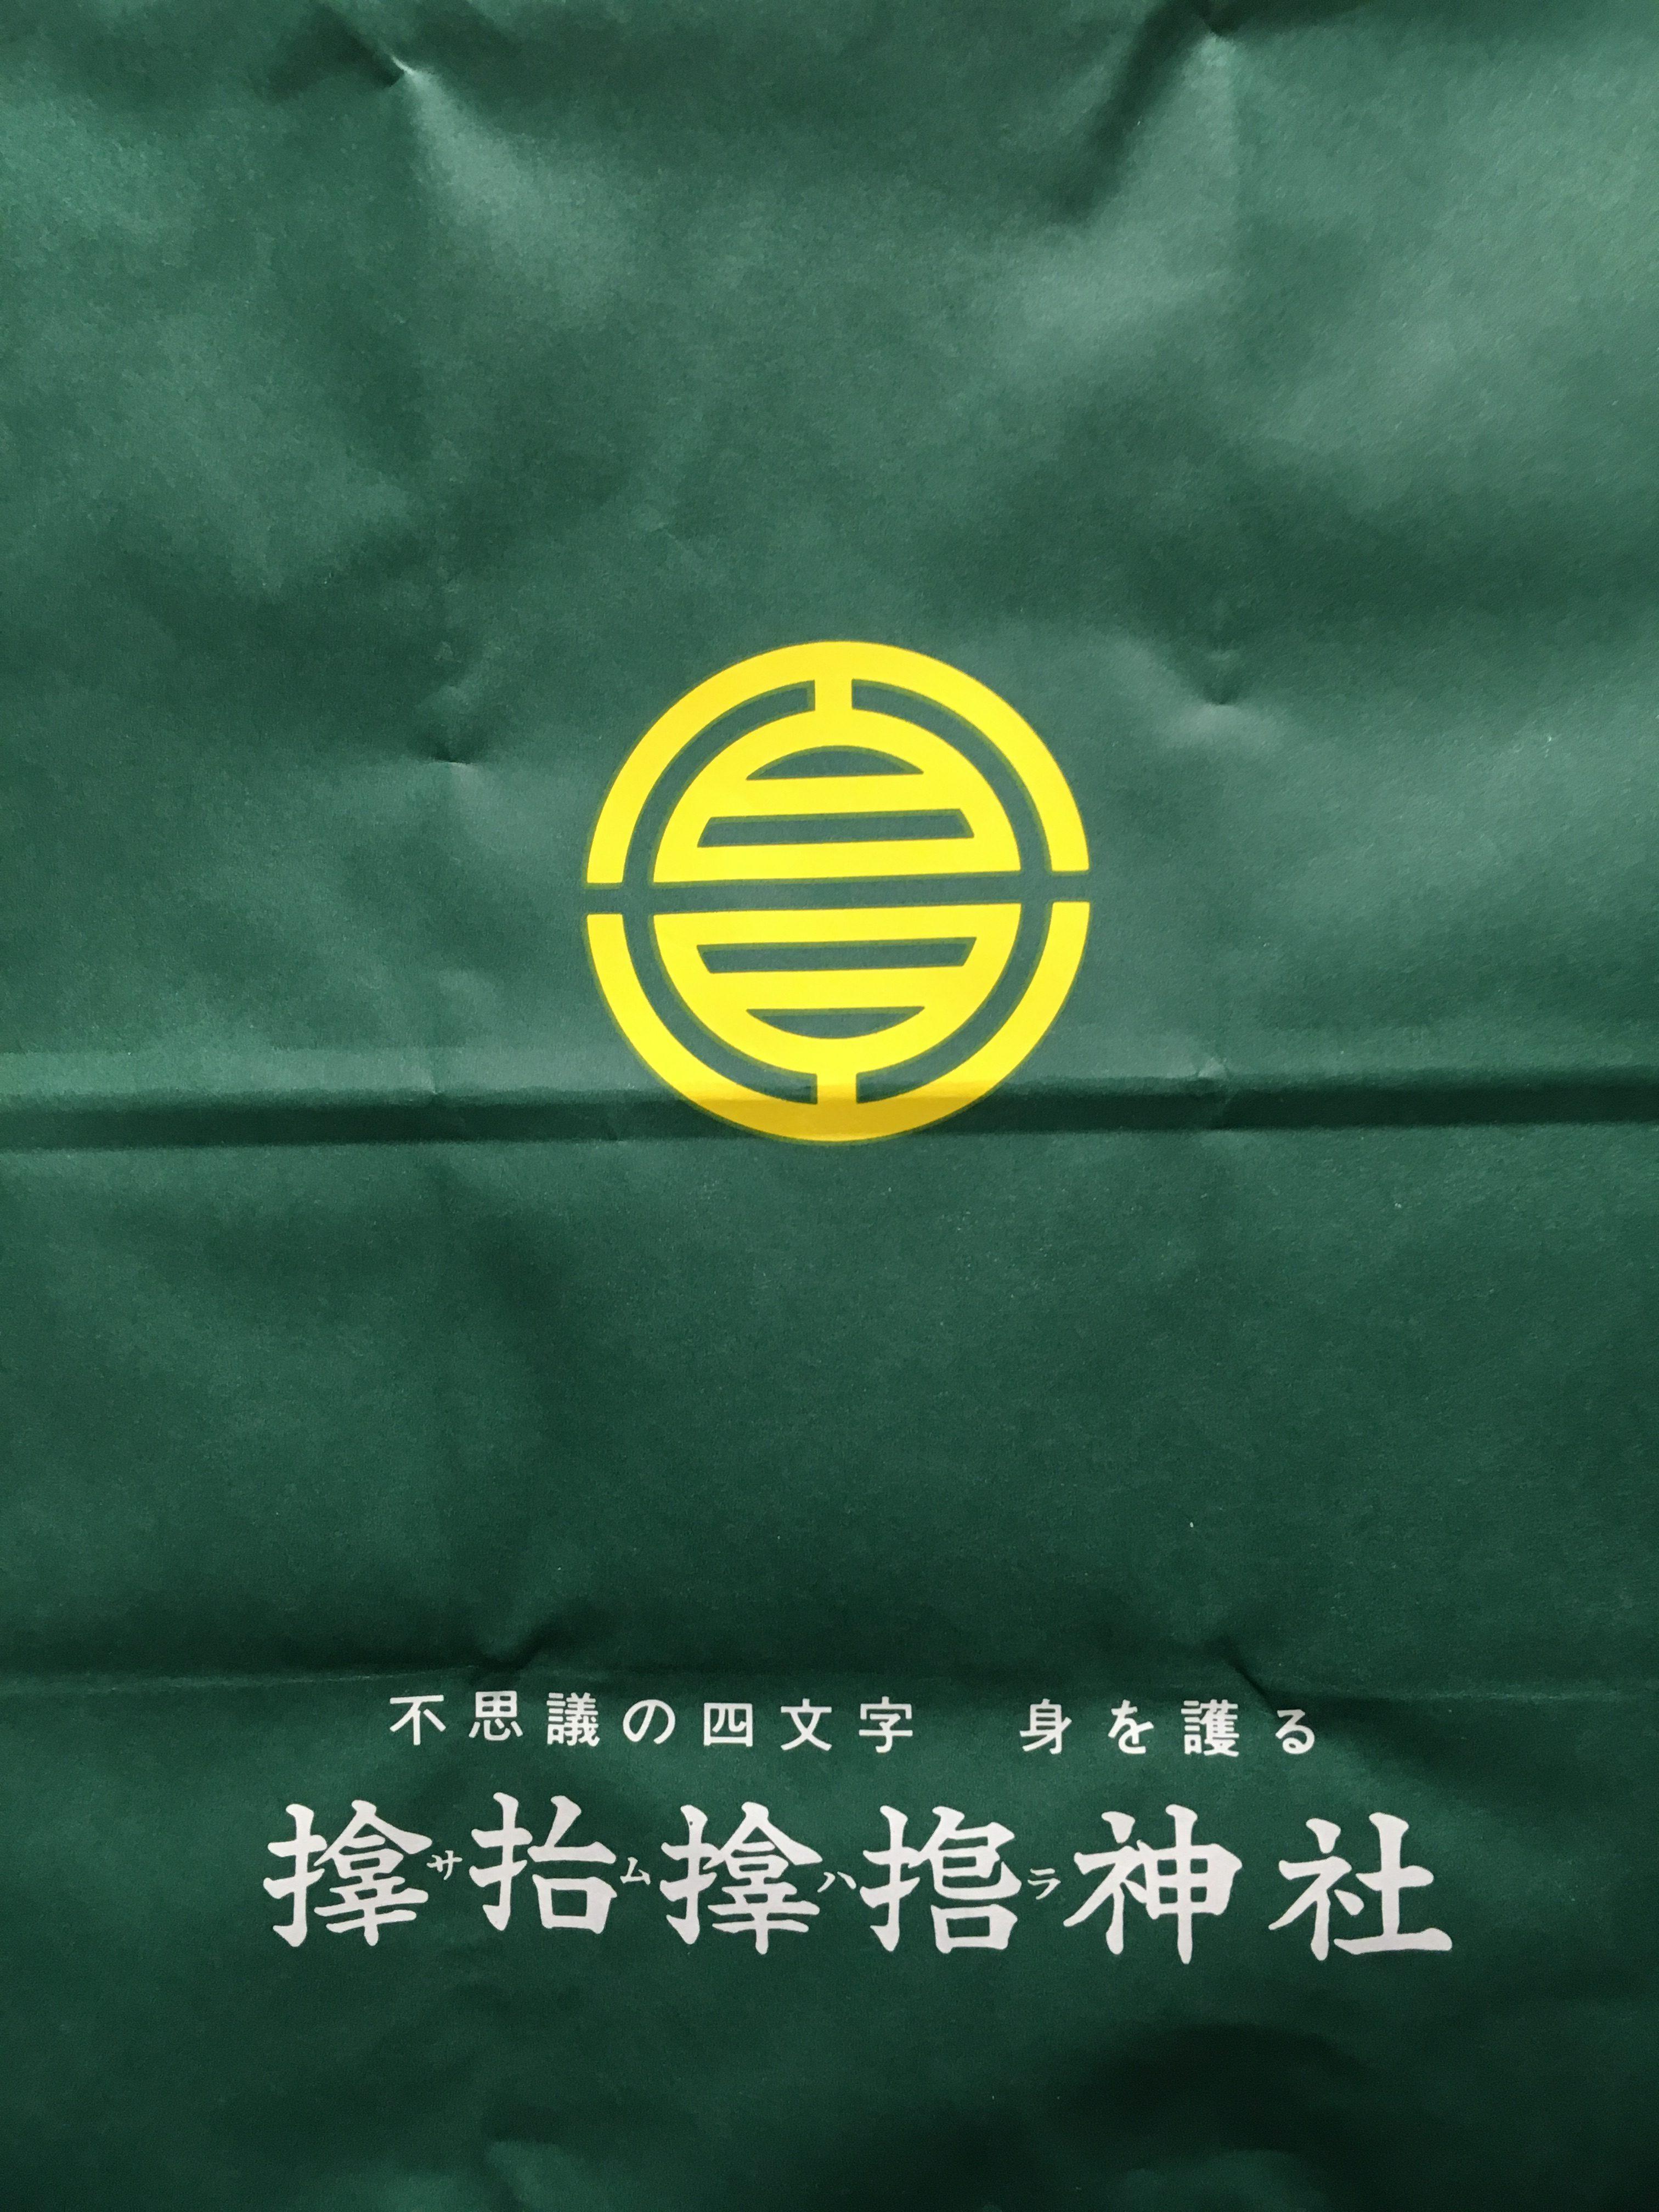 【神社】奉納報告祭